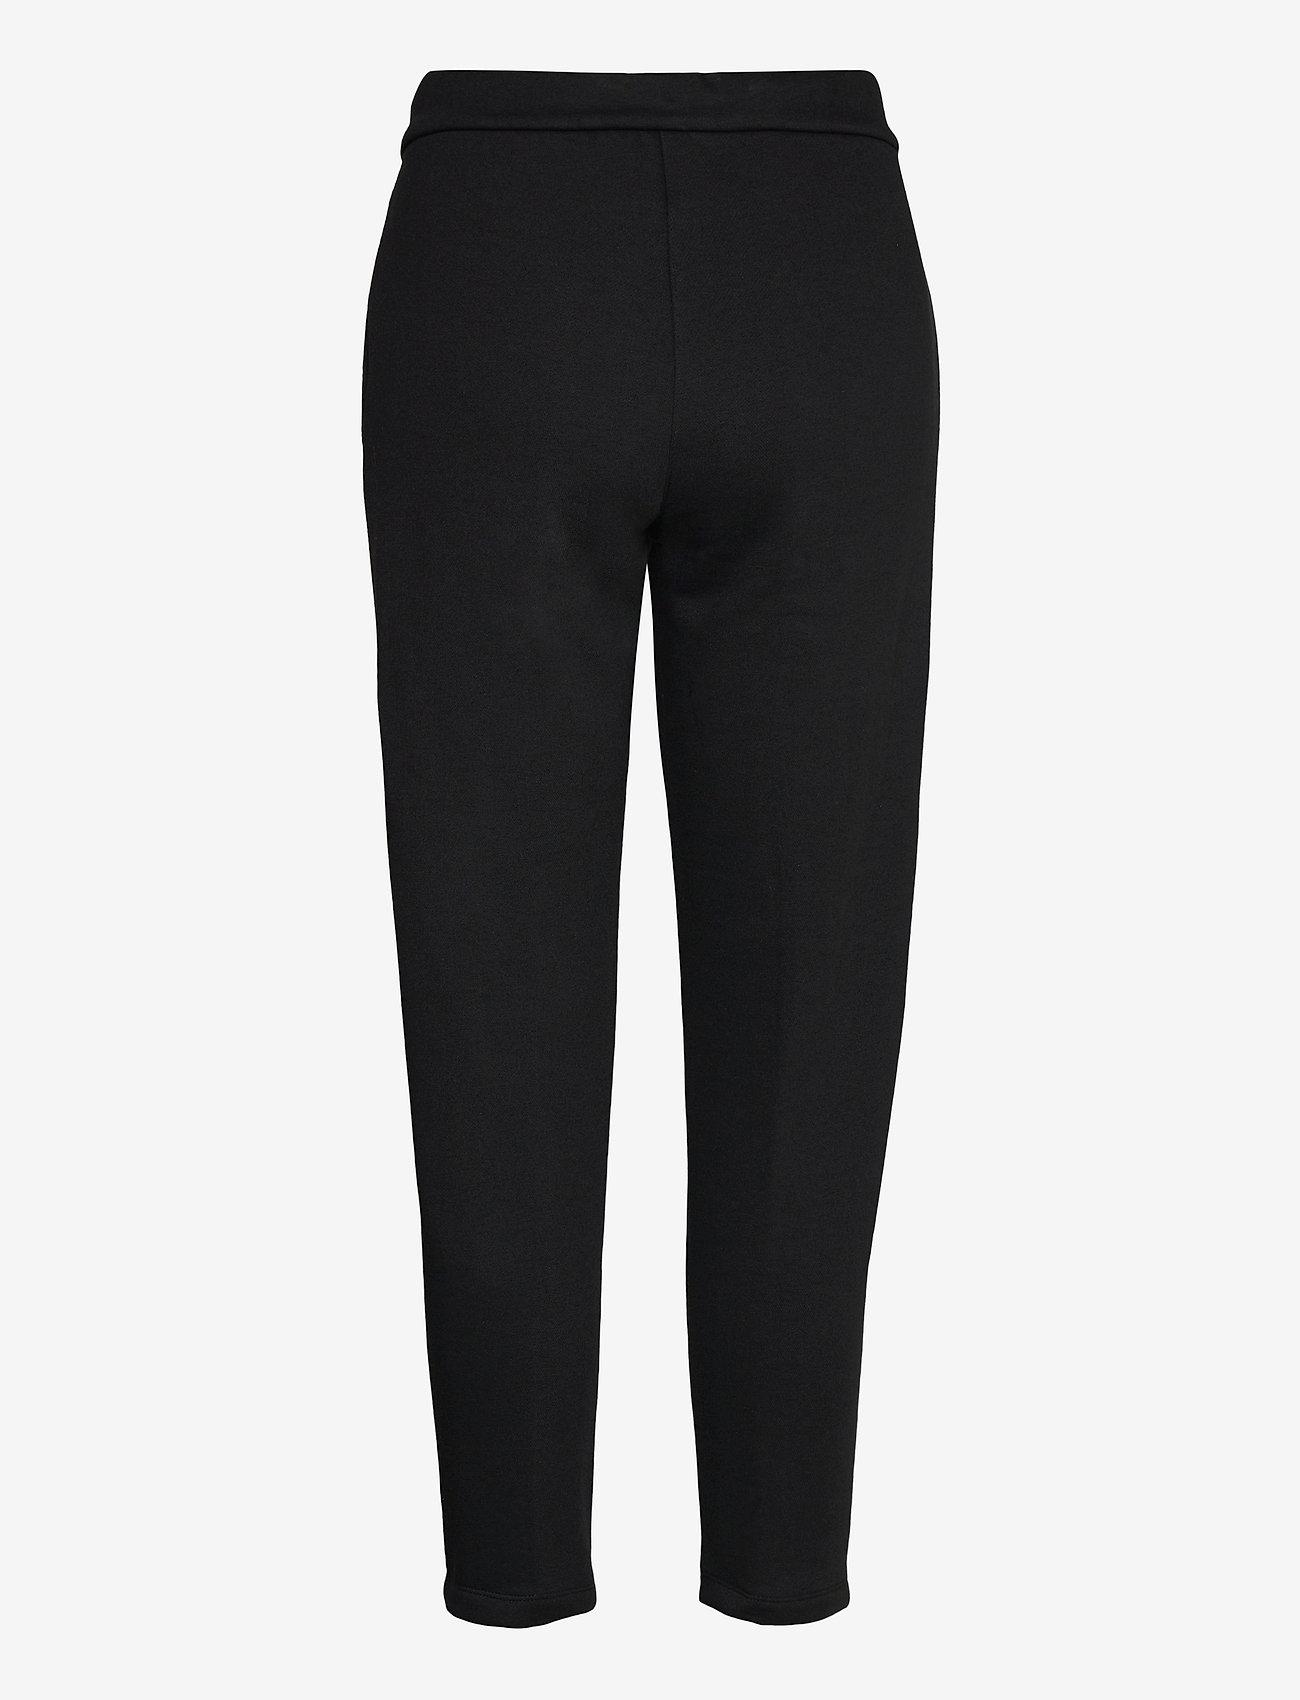 Calvin Klein Jeans - SHINY RAISED INST JOG PANT - sweatpants - ck black - 1